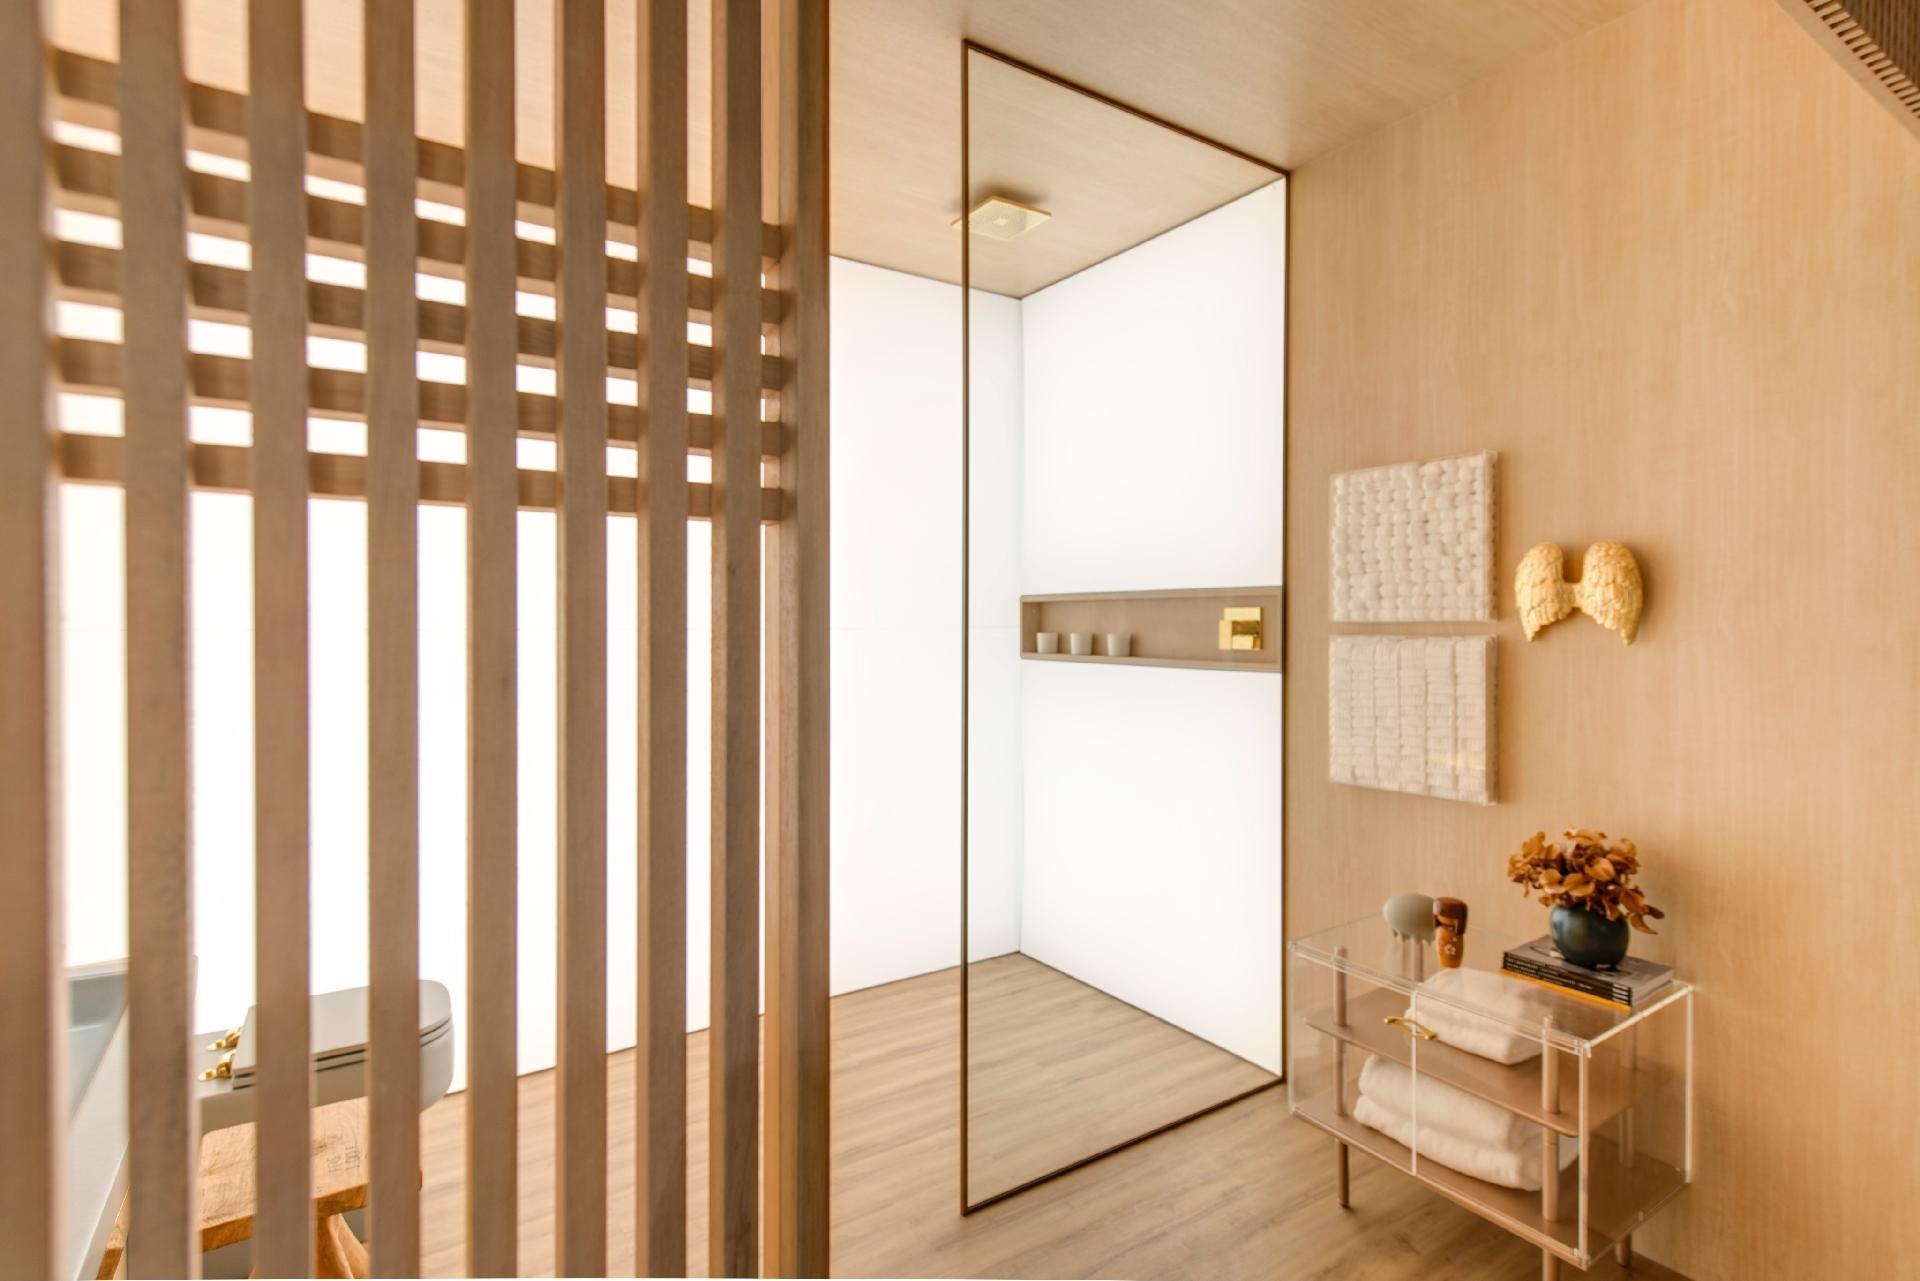 No espaço dedicado ao banho no apê com inspiração japonesa Shoji 04, desenvolvido pelo escritório Yamagata Arquitetura, a iluminação foi instalada por trás da superfície leitosa. Os metais são dourados, enquanto os quadros pendurados na parede foram recheados de algodão